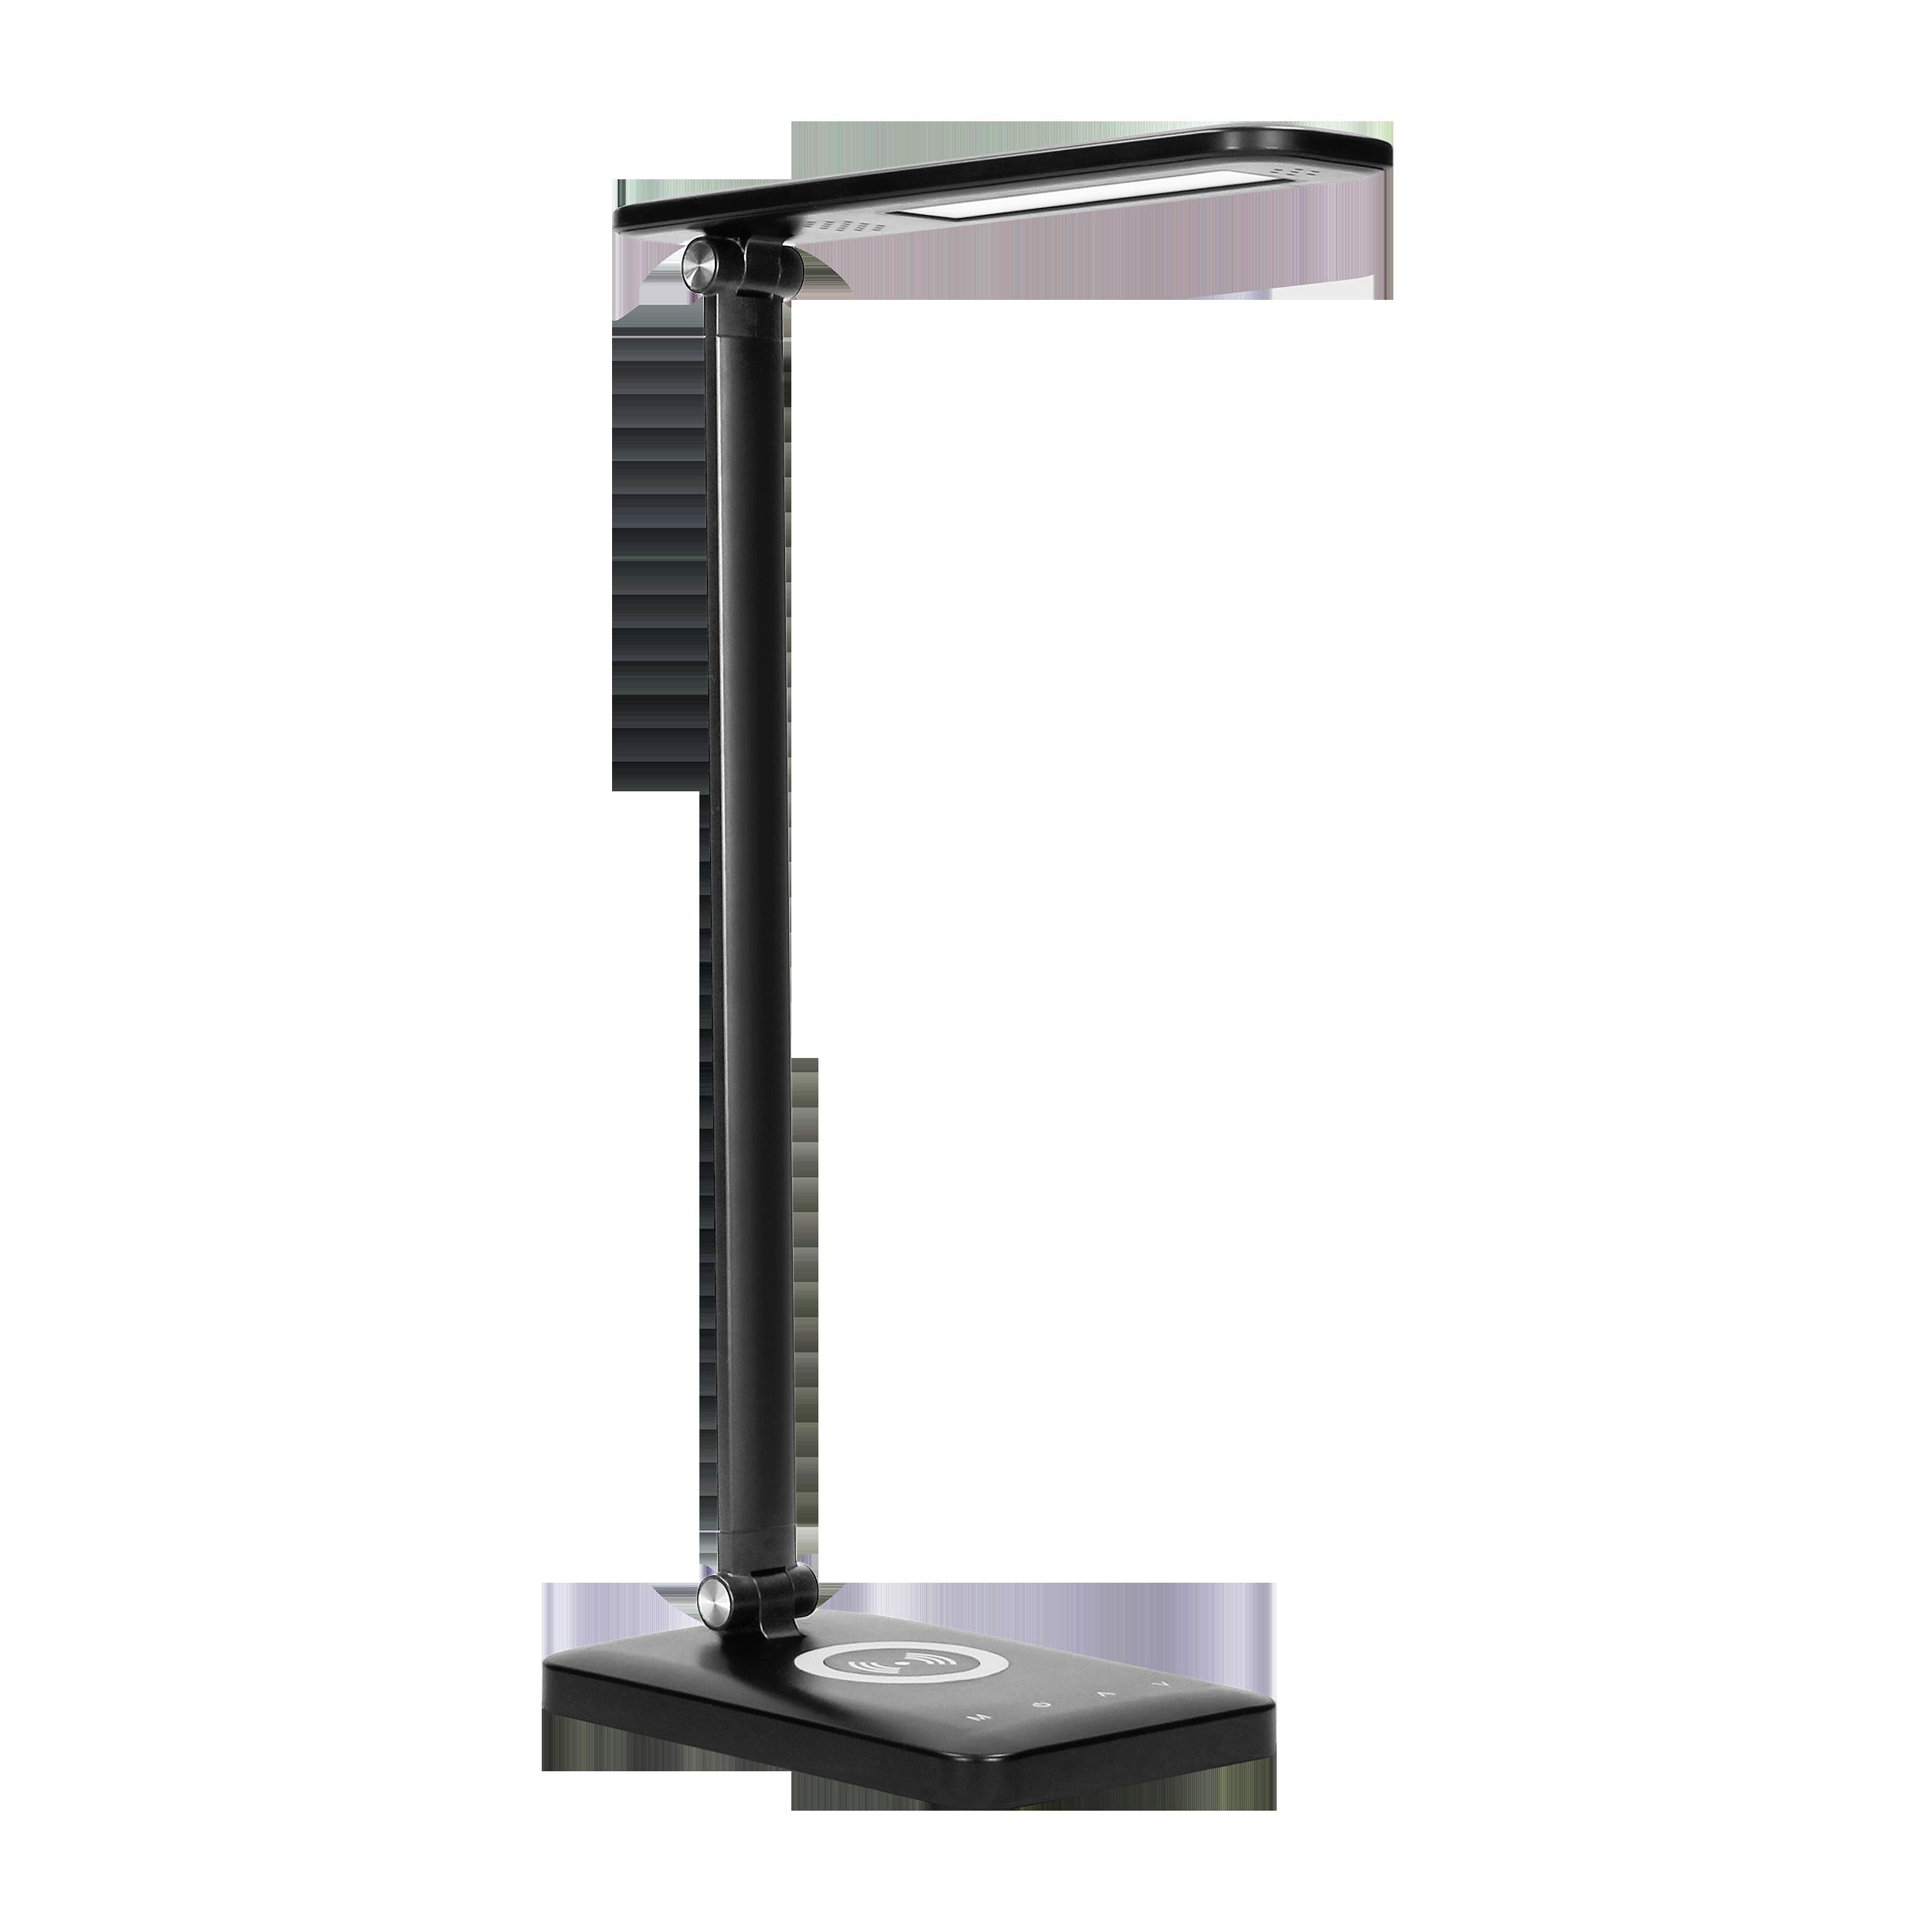 WIRLE LED 7W Lampka biurkowa z ładowarką  indukcyjną i usb. 390lm, 3000-4000-6000K, zmiana barwy temperaturowej i funkcja ściemniania, czarna